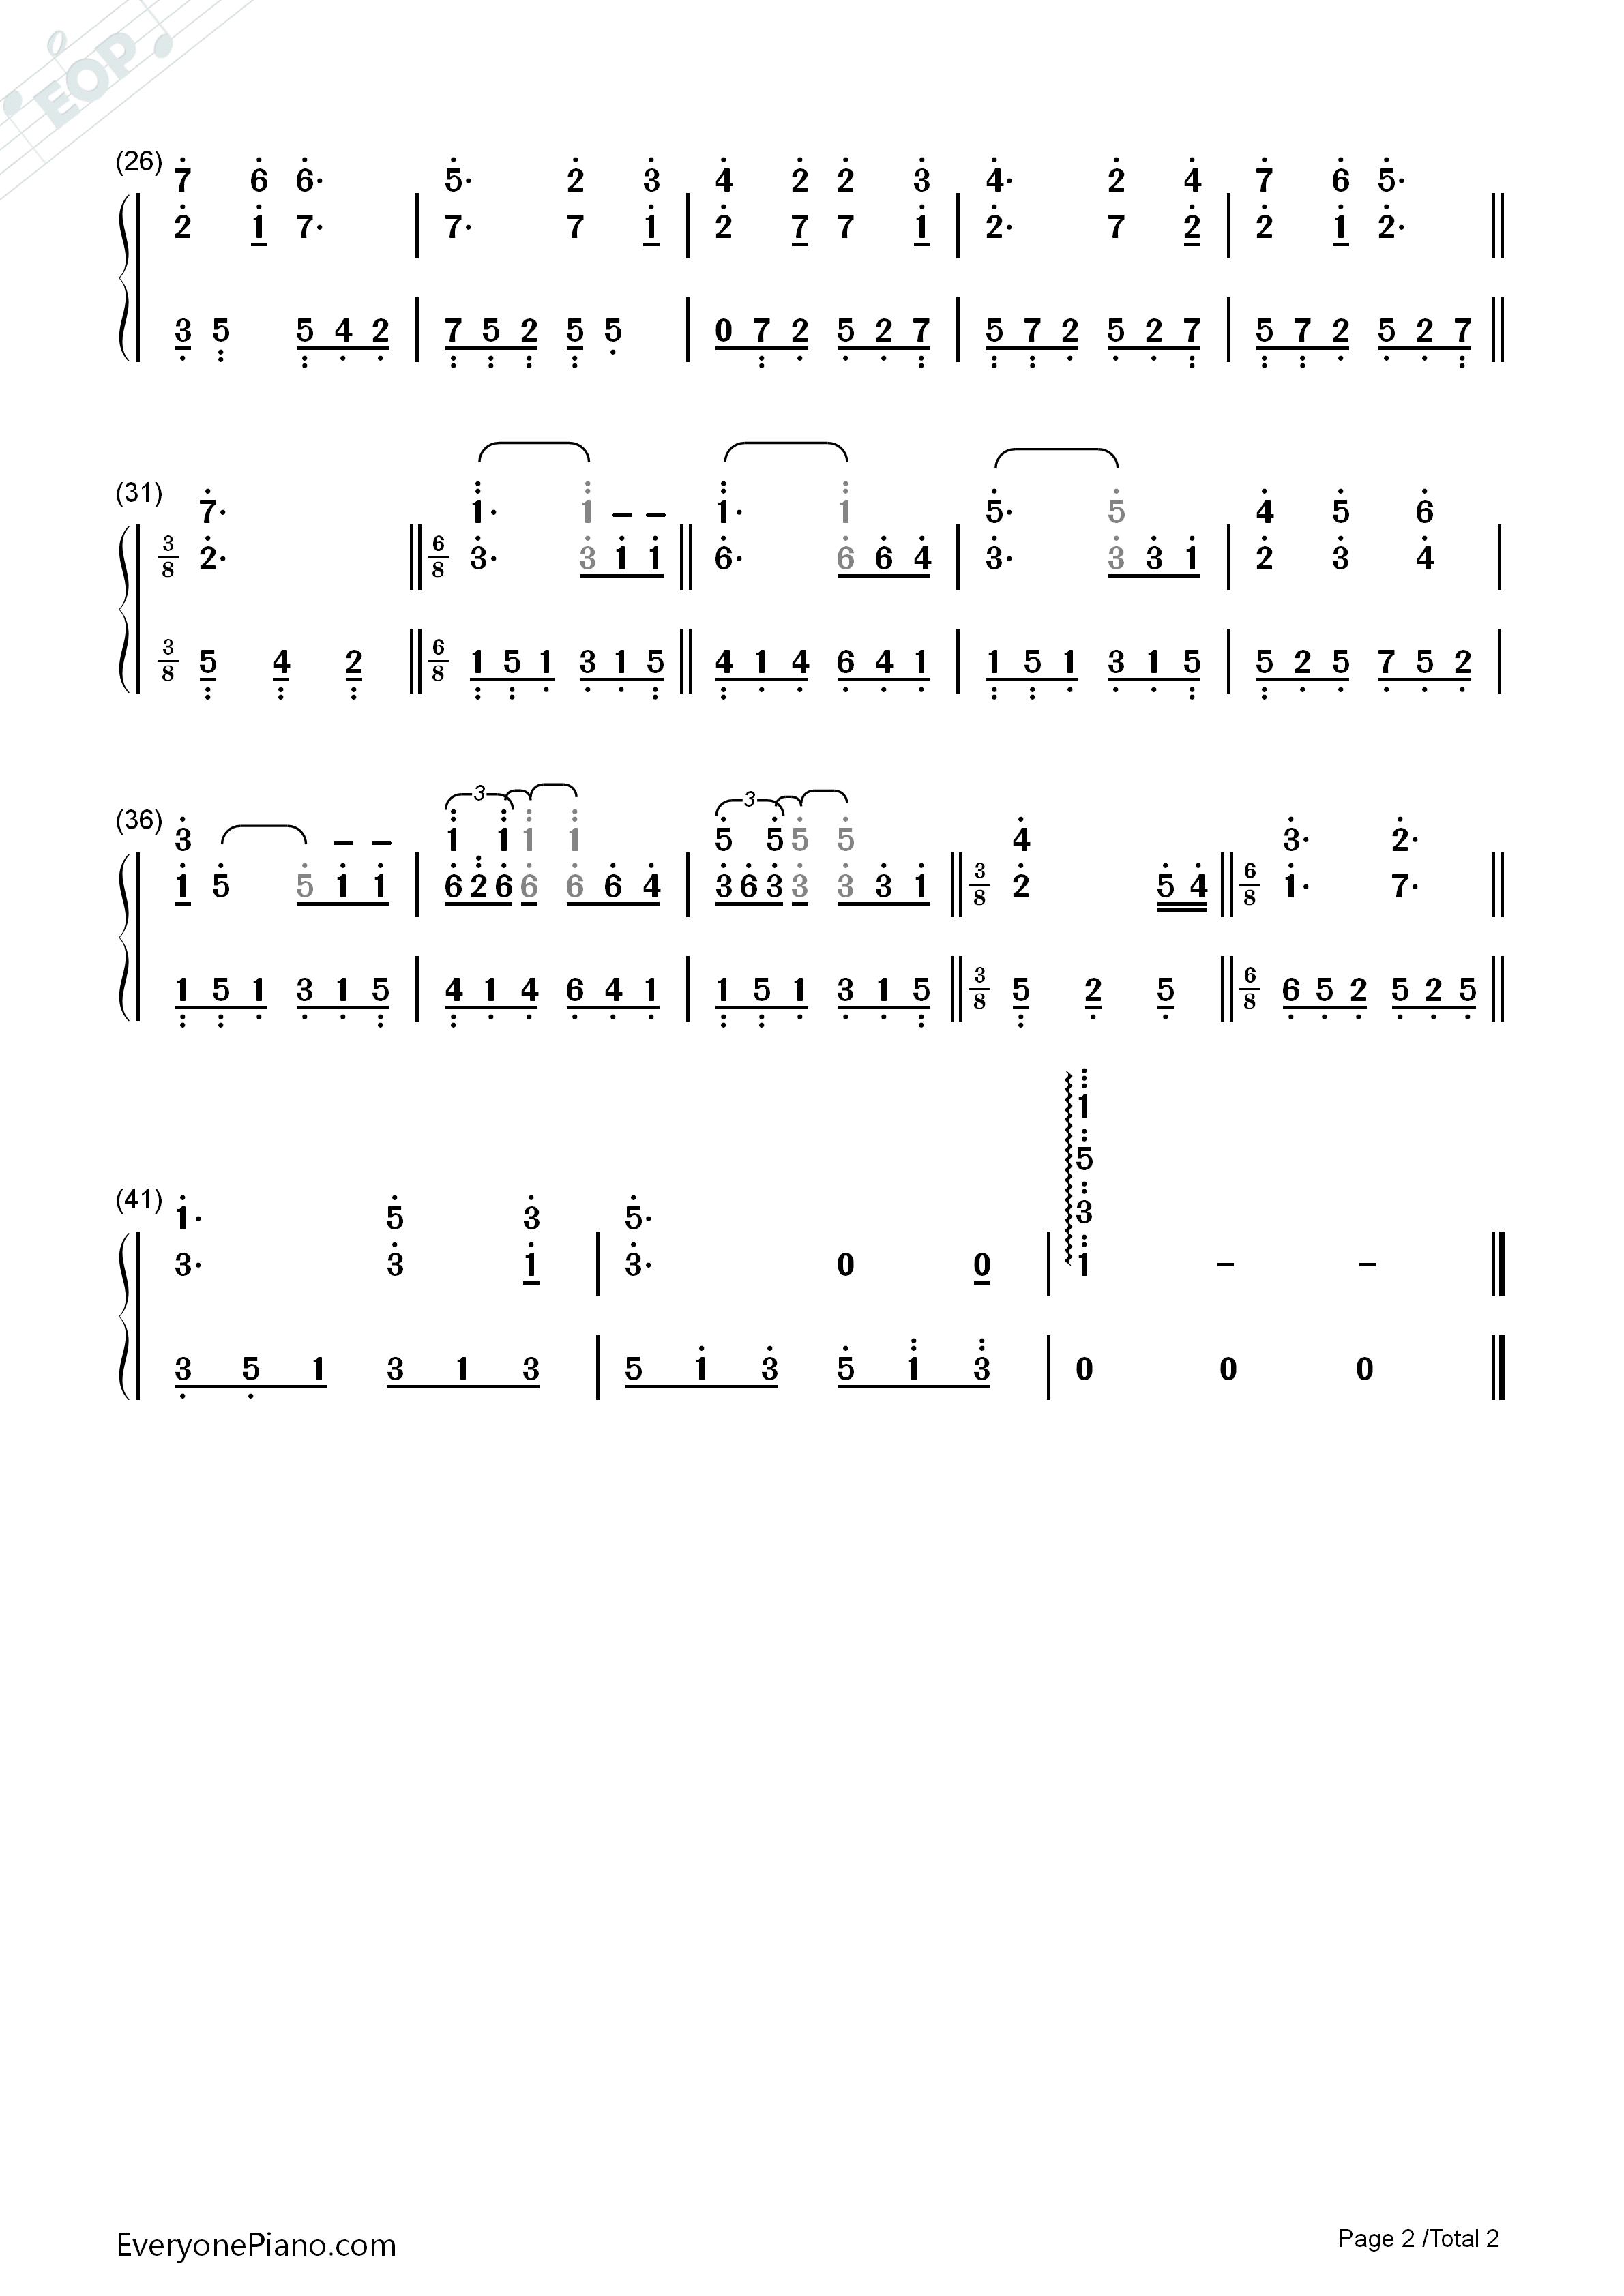 钢琴曲谱 轻音乐 布拉姆斯的摇篮曲 布拉姆斯的摇篮曲双手简谱预览2